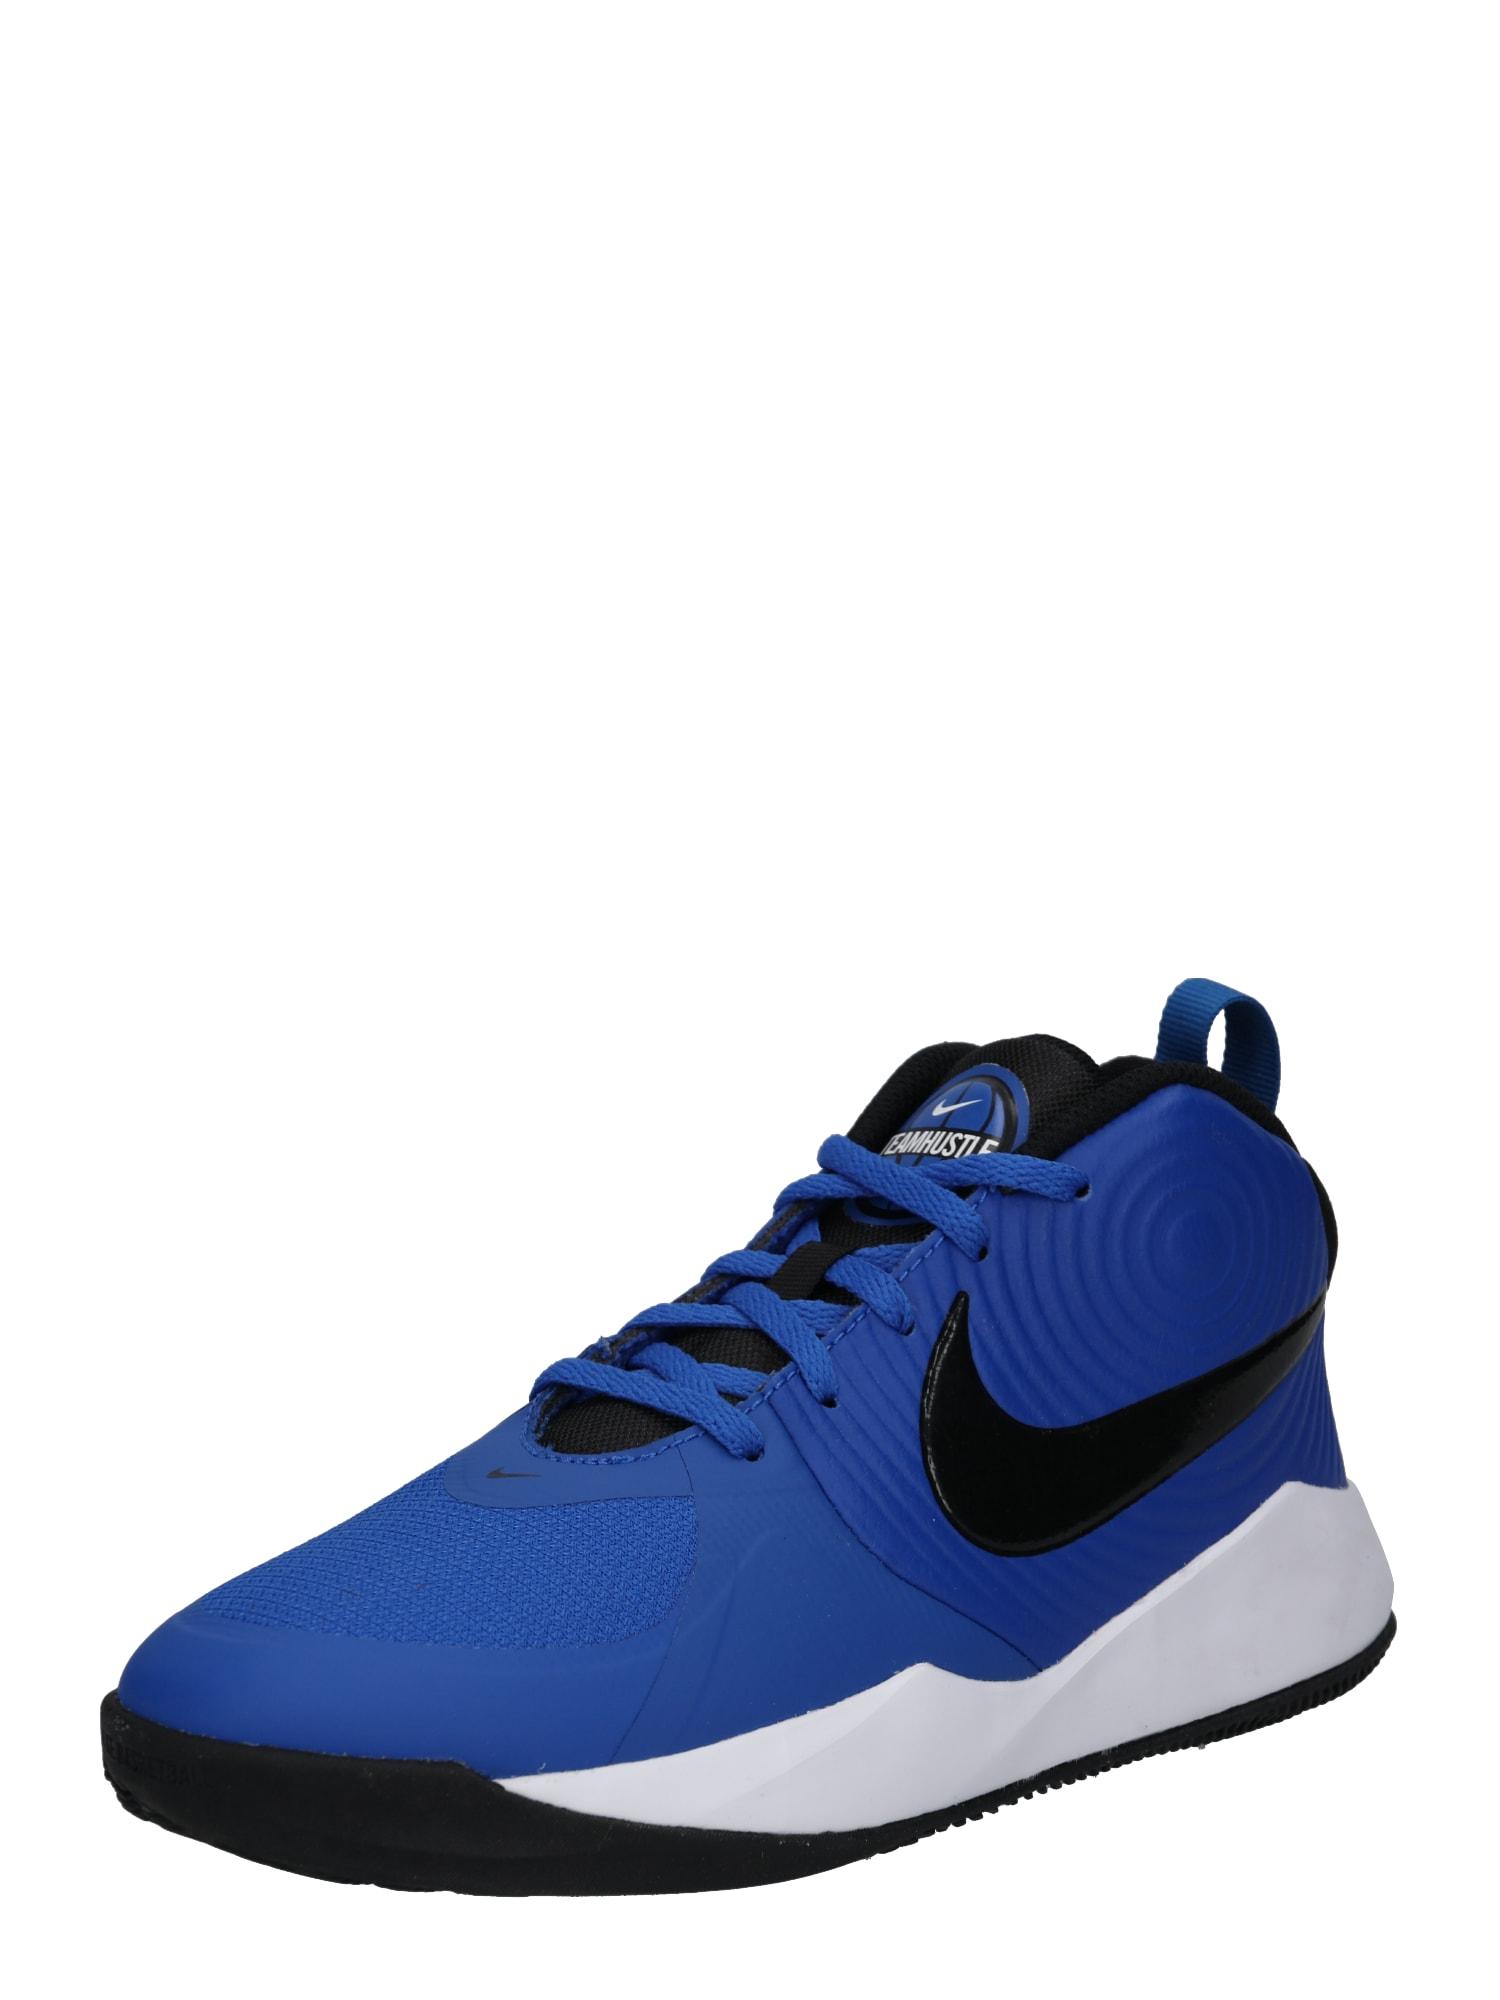 Sportovní boty Team Hustle D9 královská modrá černá NIKE